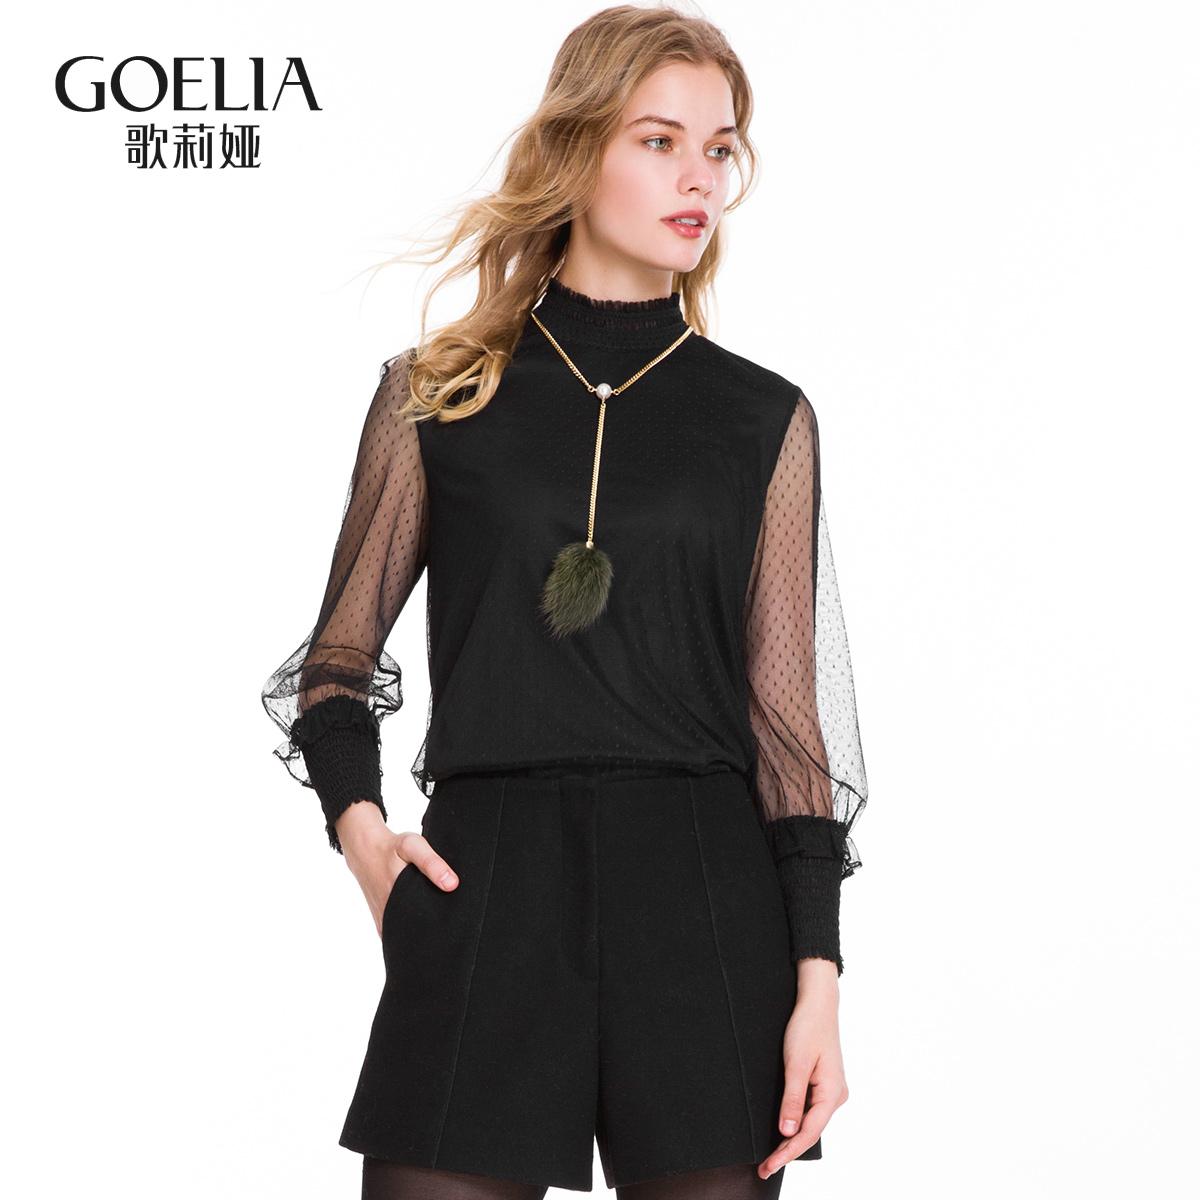 歌莉娅女装 【首降】歌莉娅女装 高领轻透视梭织上衣 衬衫16DC3E010_推荐淘宝好看的歌莉娅